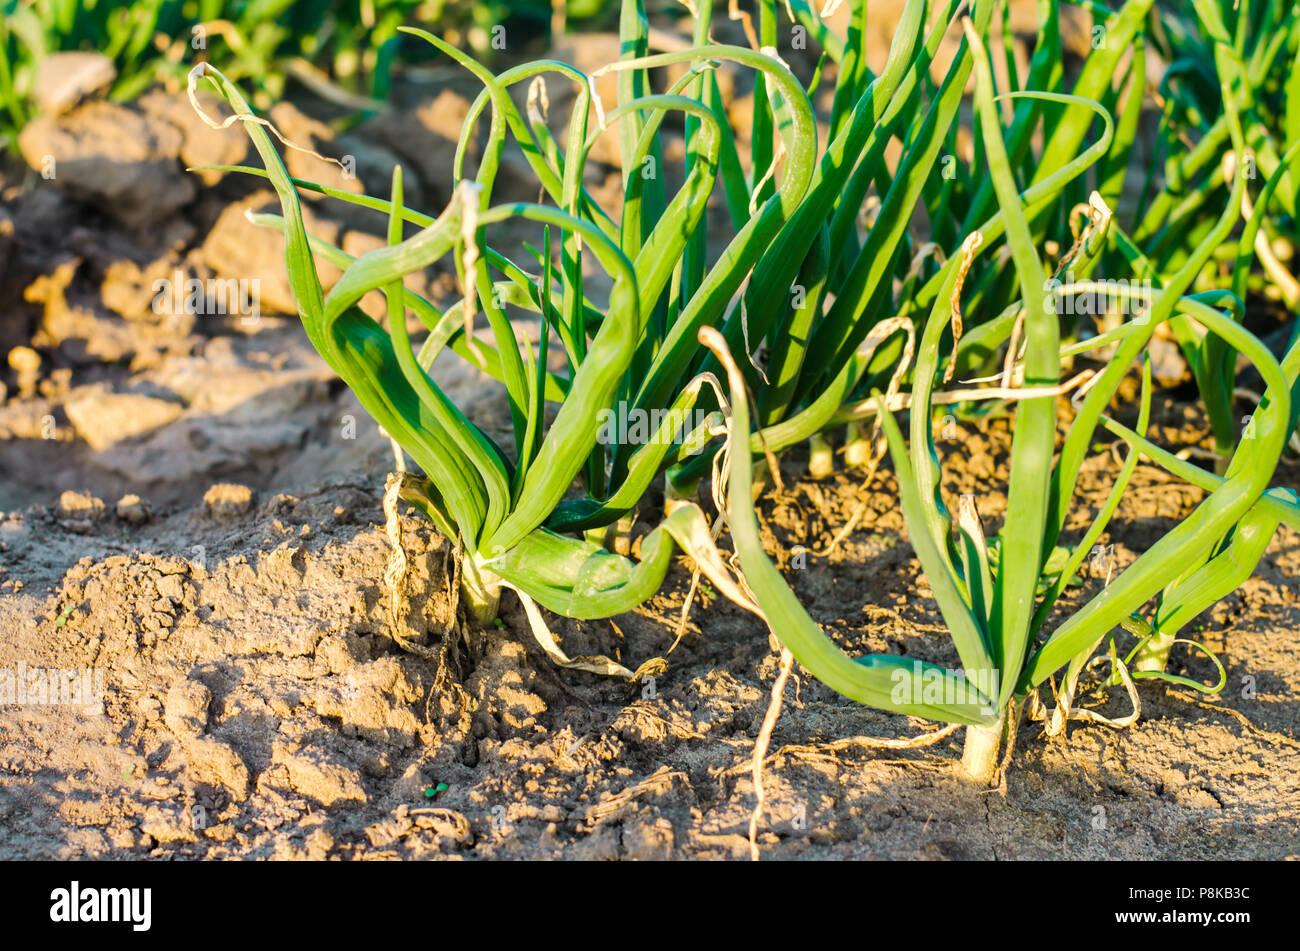 How to grow a good harvest 81